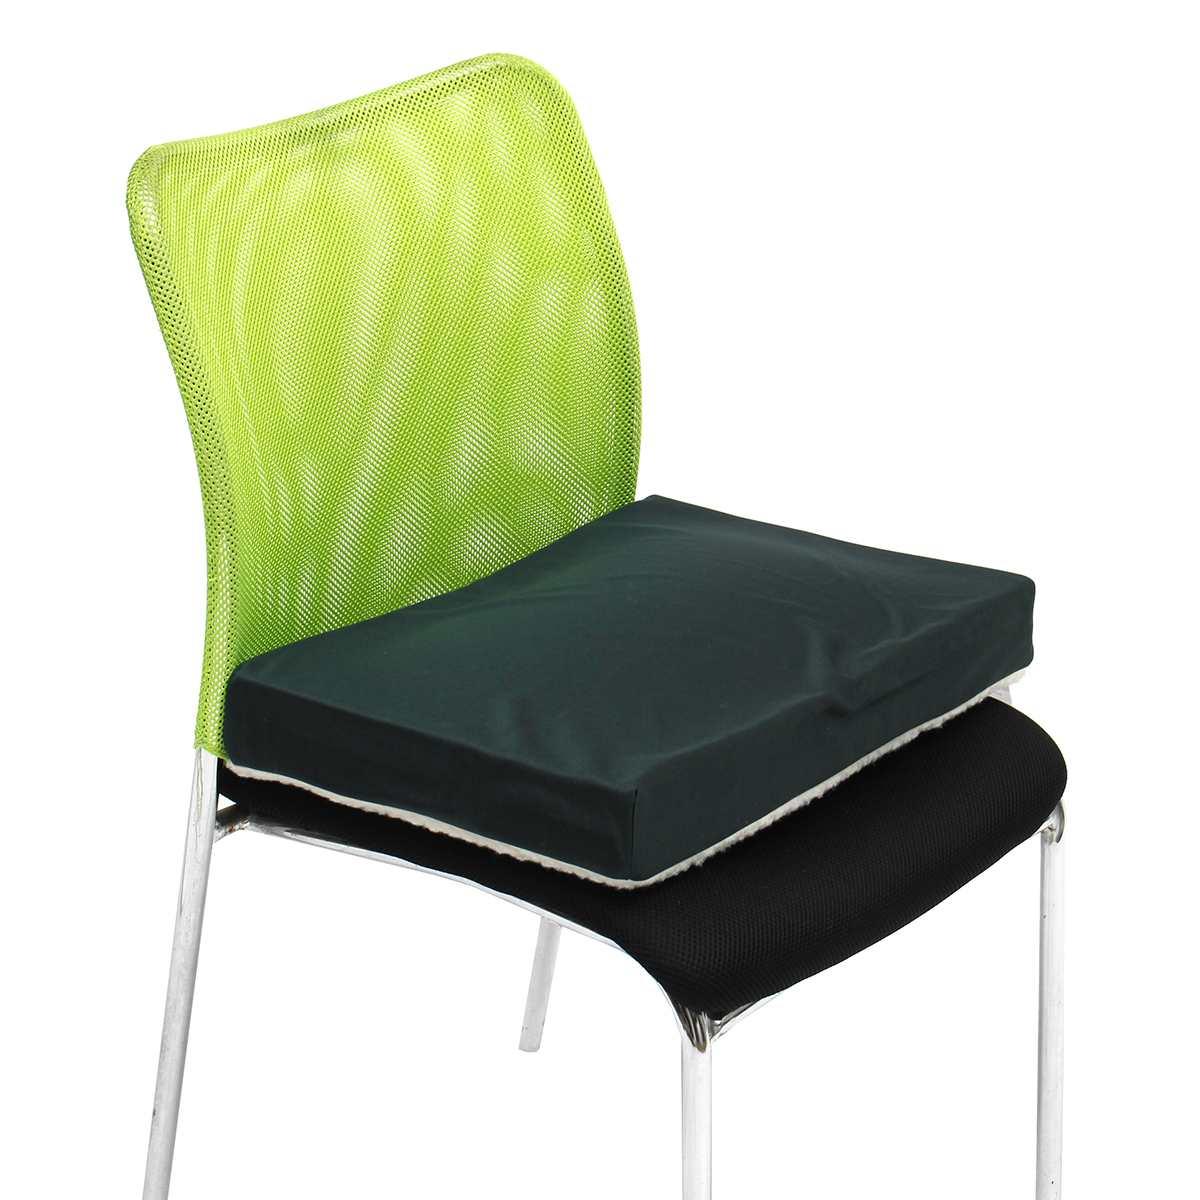 Coussin de siège en mousse à mémoire de forme Gel court en peluche polaire Solution de siège pour fauteuil roulant oreiller pour siège de voiture de bureau - 2